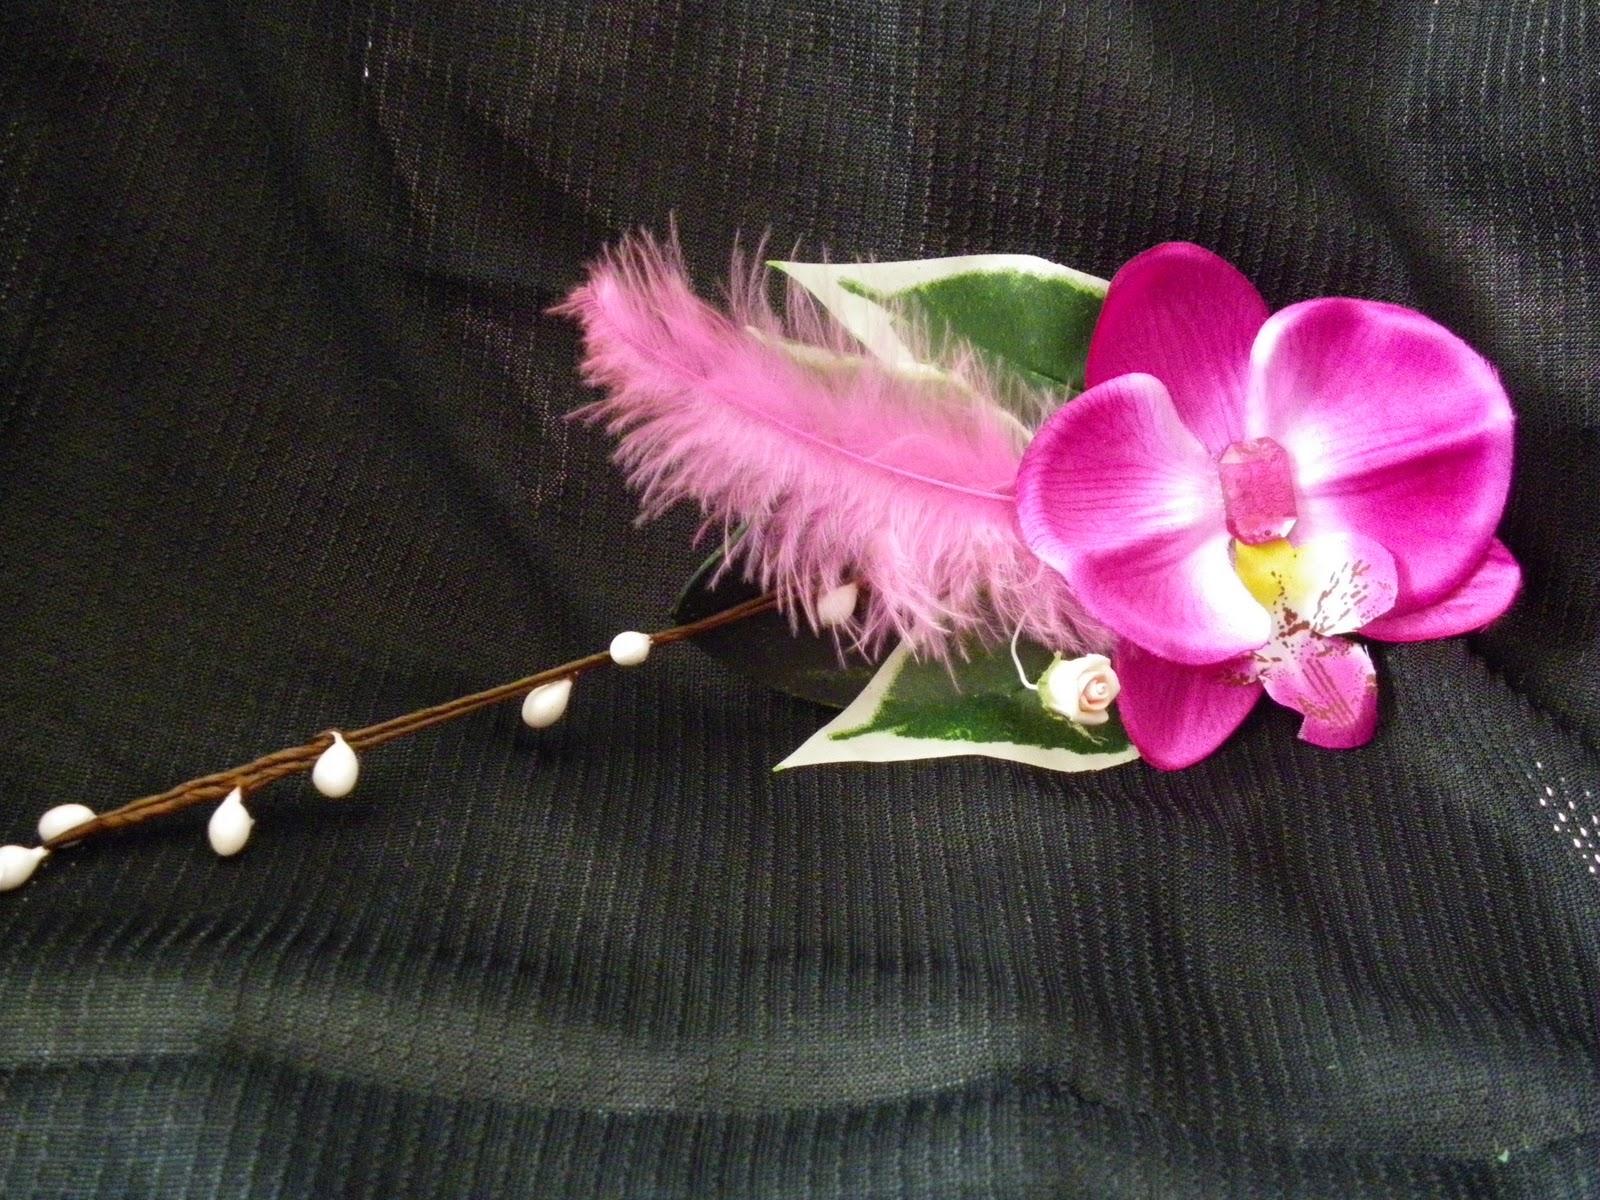 Orquídeas granates con plumas de avestruz rojas, strass de color y aplique metálico art nouveau. 18 euros